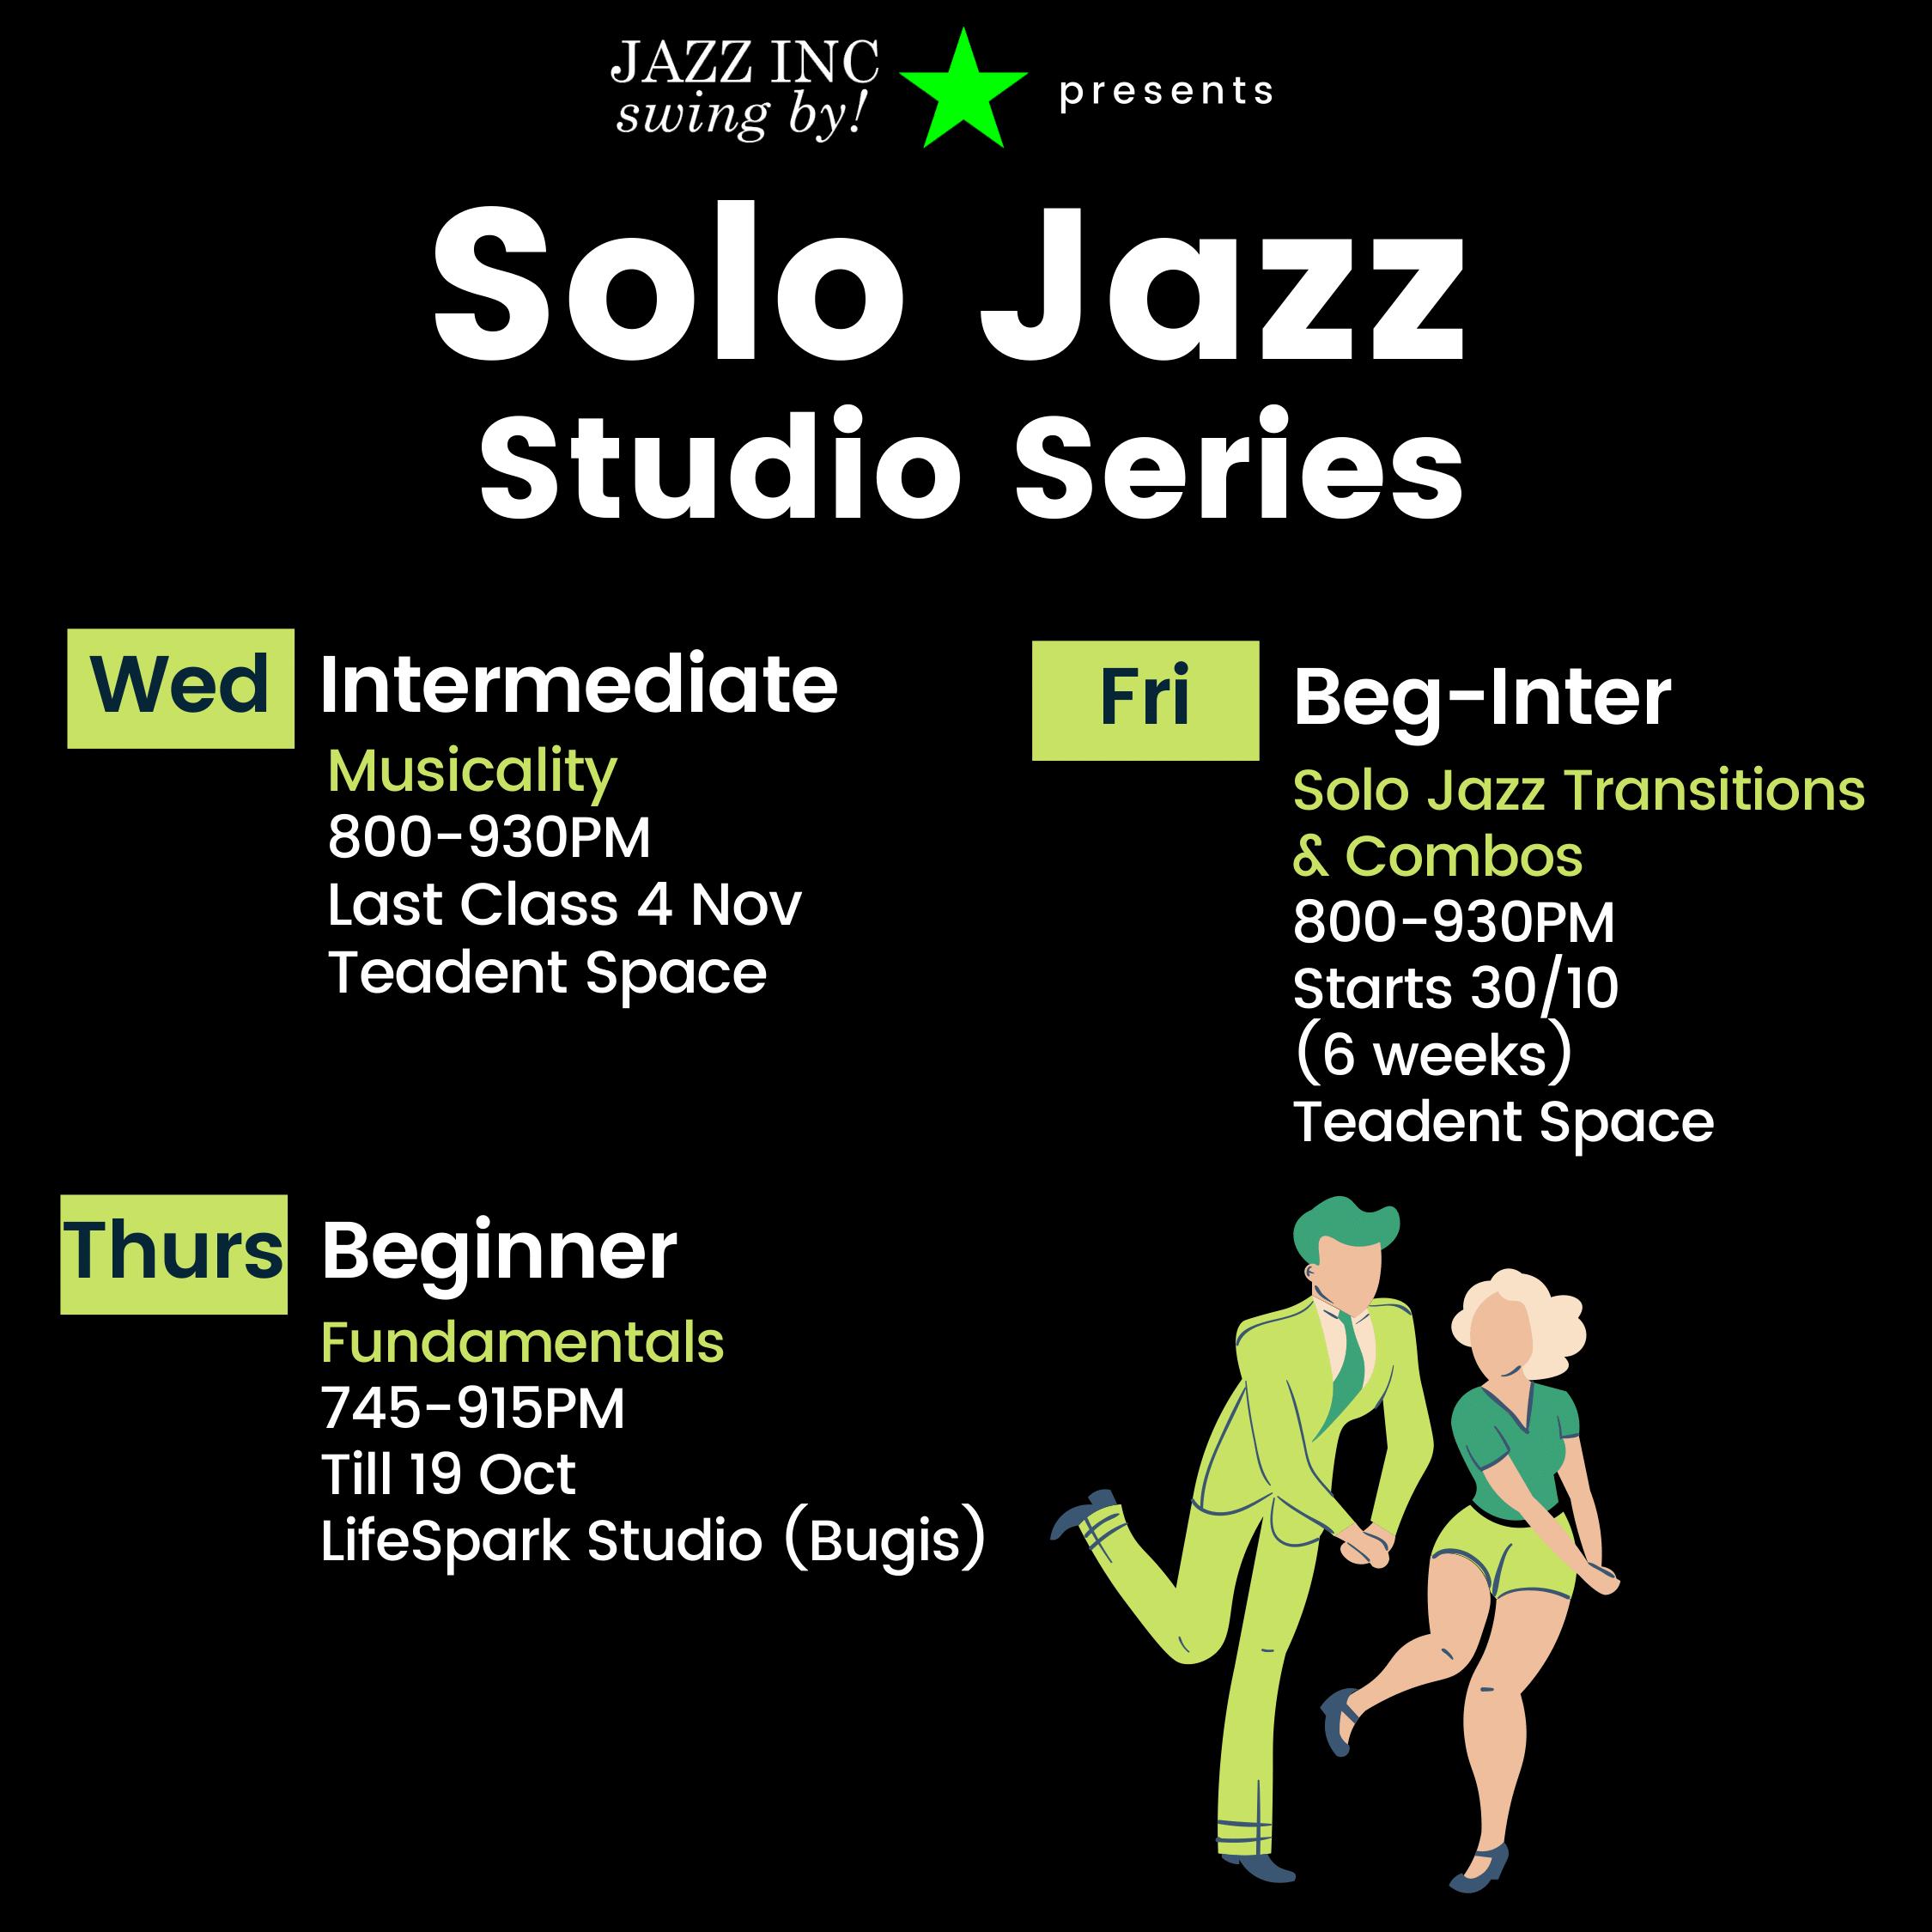 Solo Jazz Studio Series (8)-1